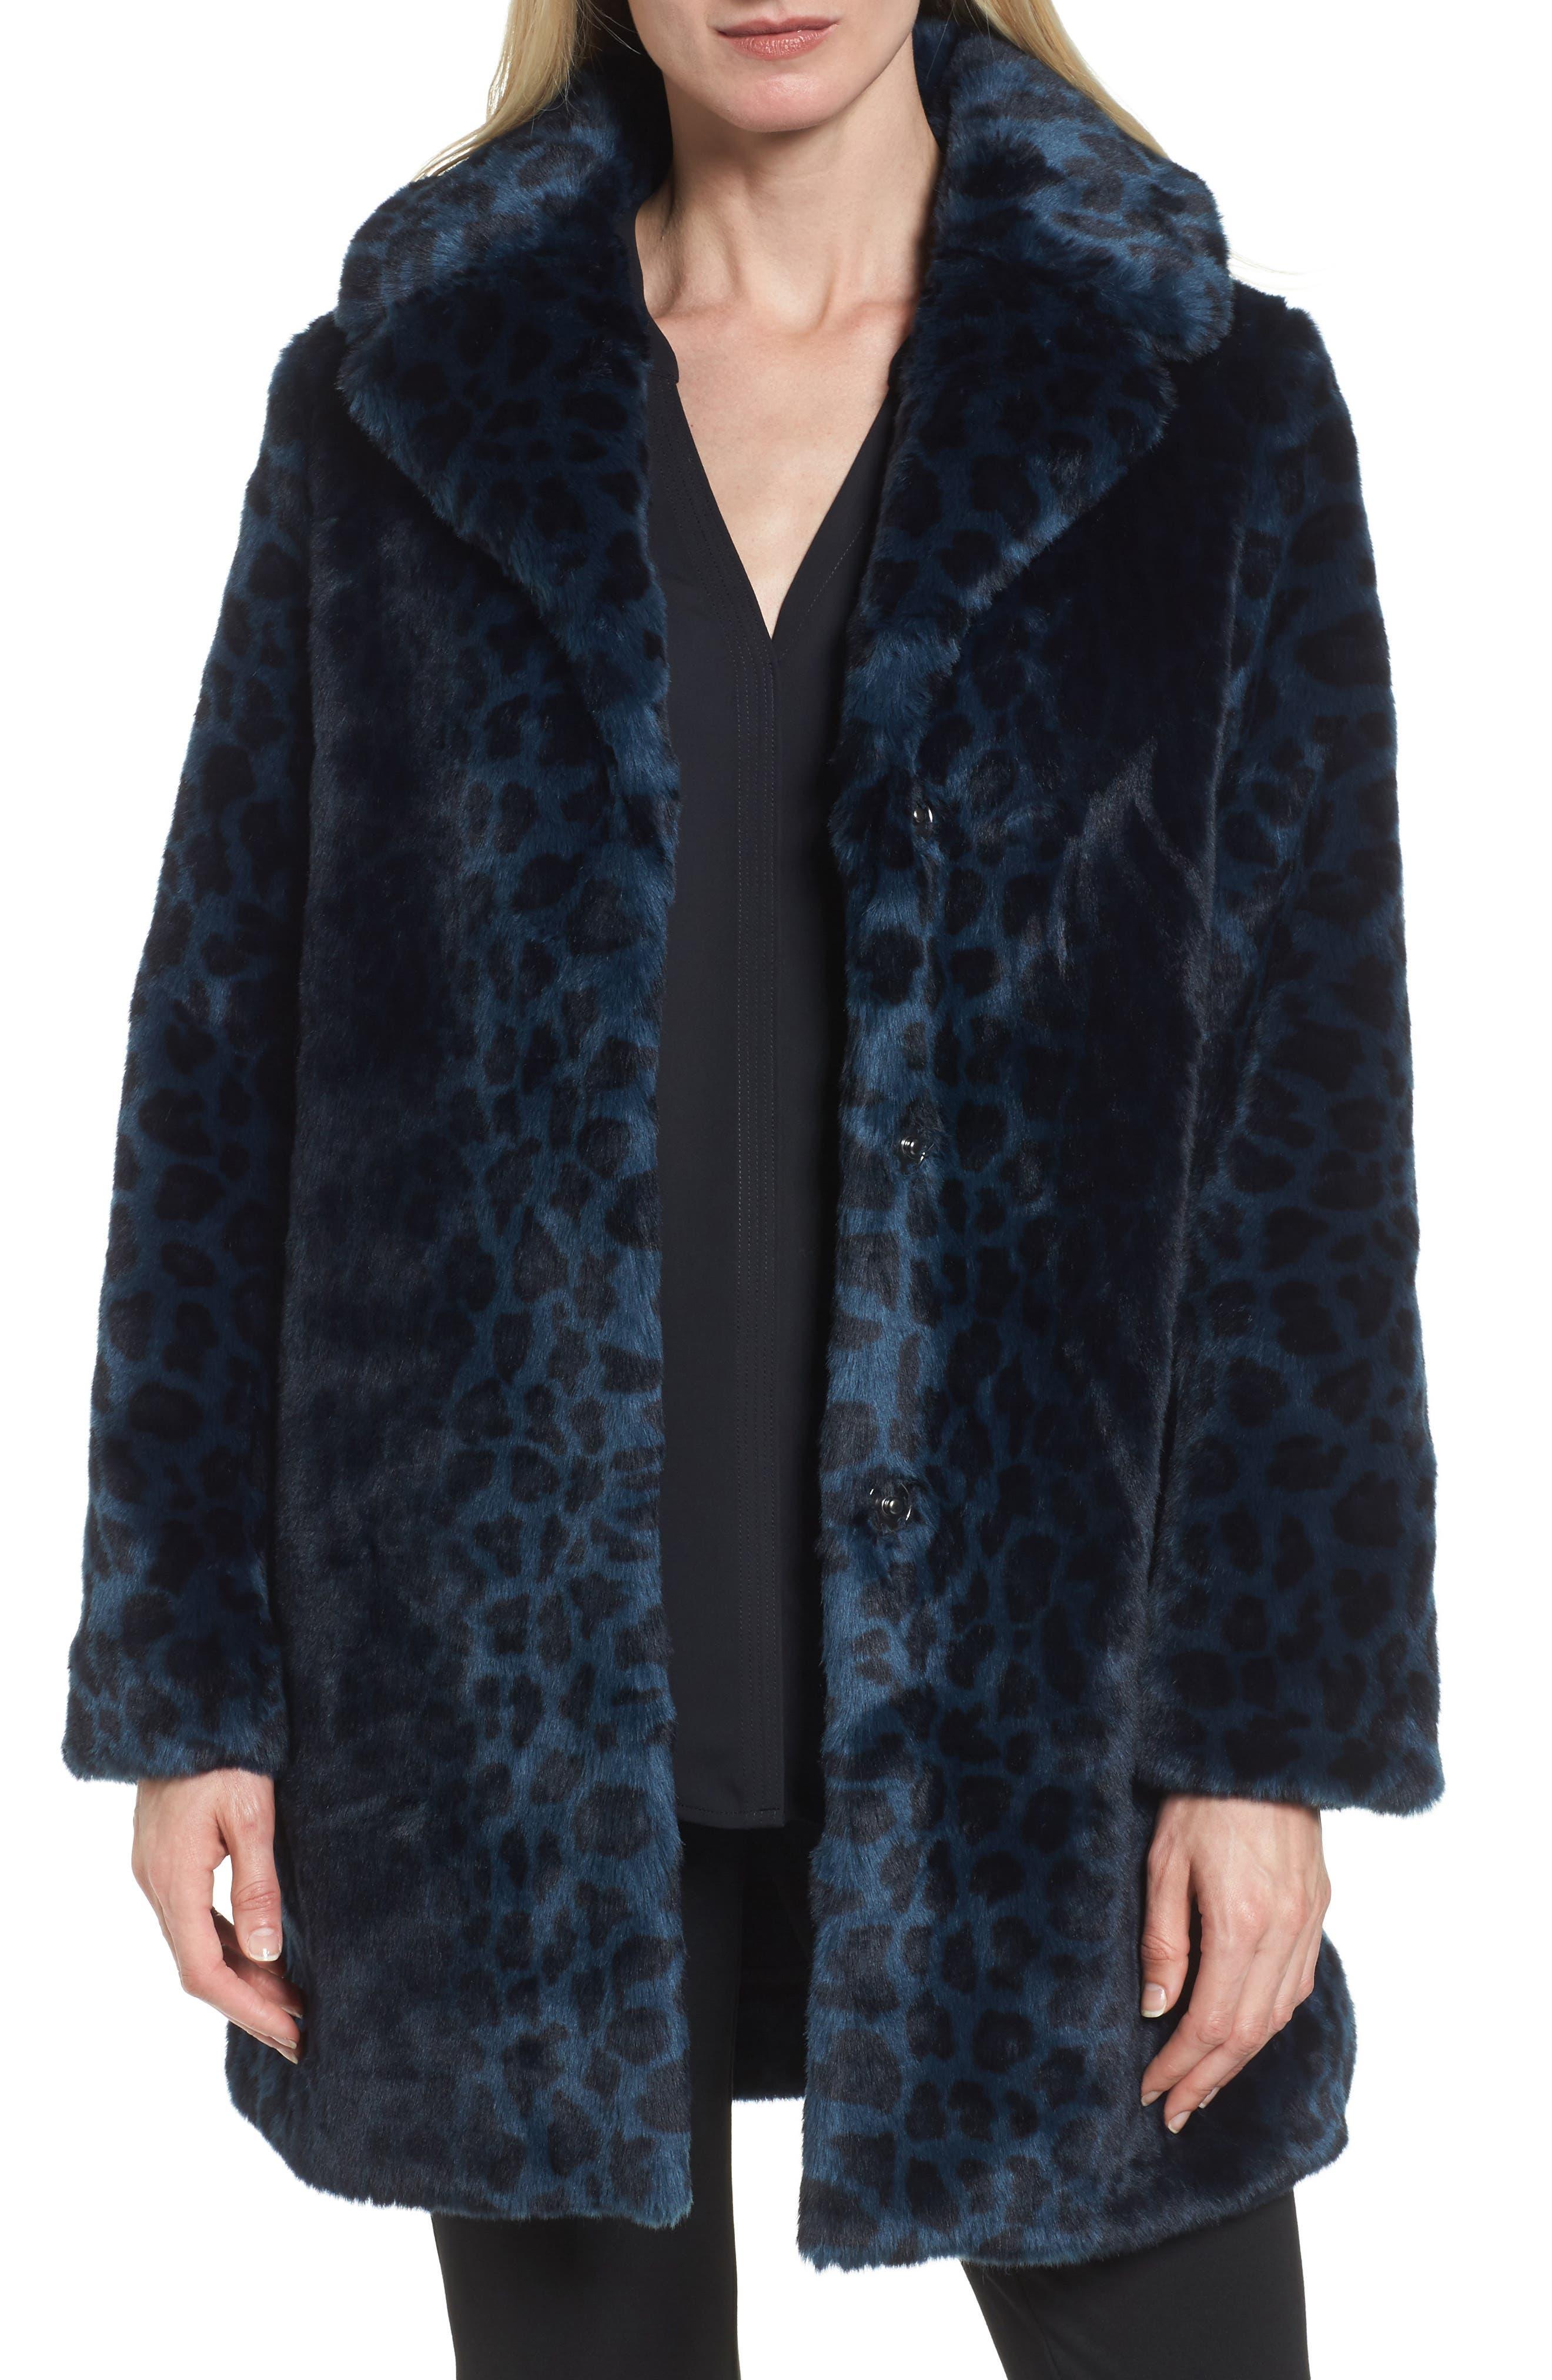 Reversible Cheetah Print Faux Fur Jacket,                             Main thumbnail 1, color,                             Navy